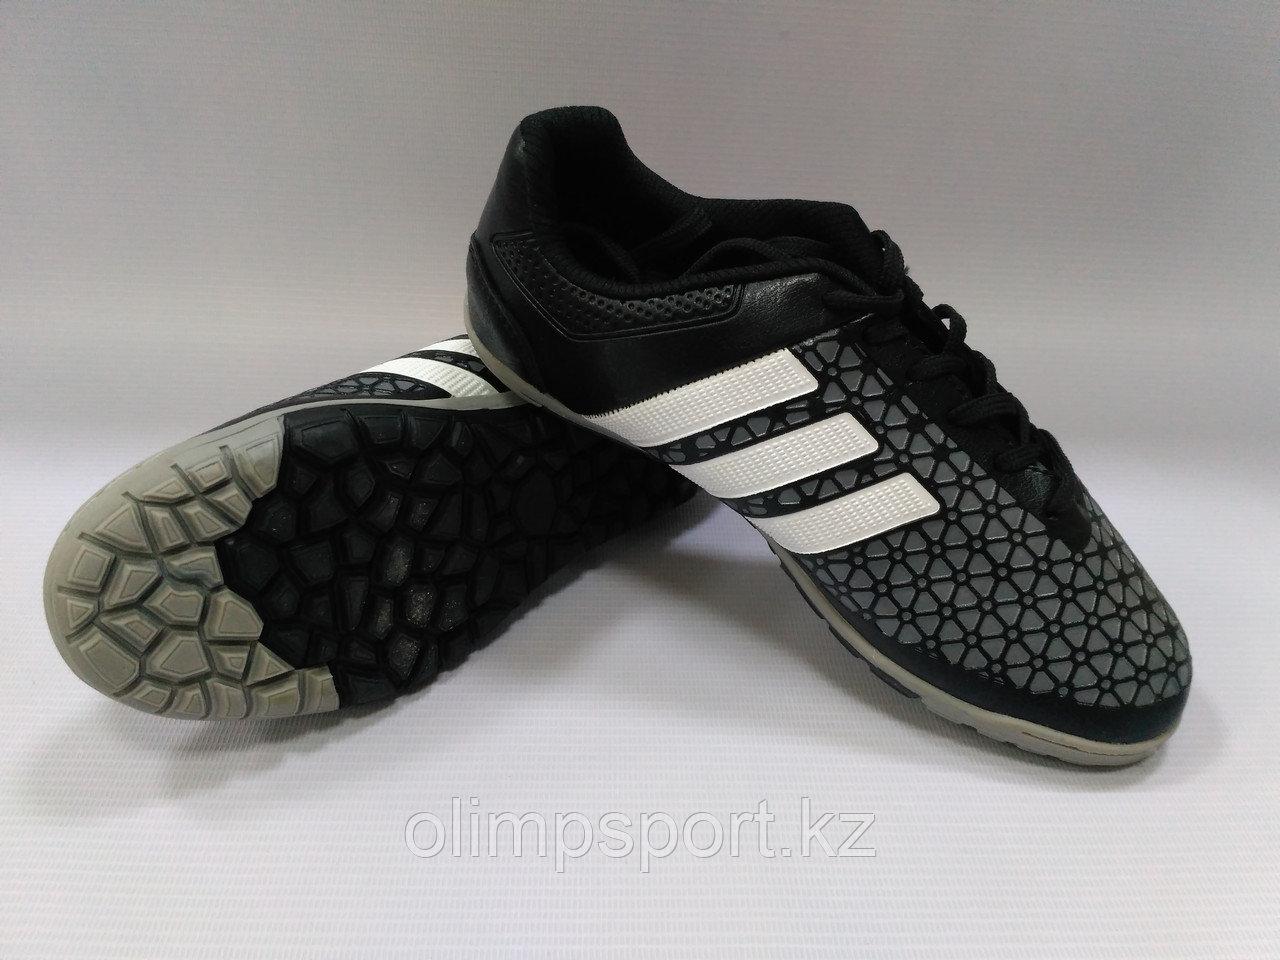 Детская футбольная обувь, сороконожки,  Adidas Ace, размеры 33-38